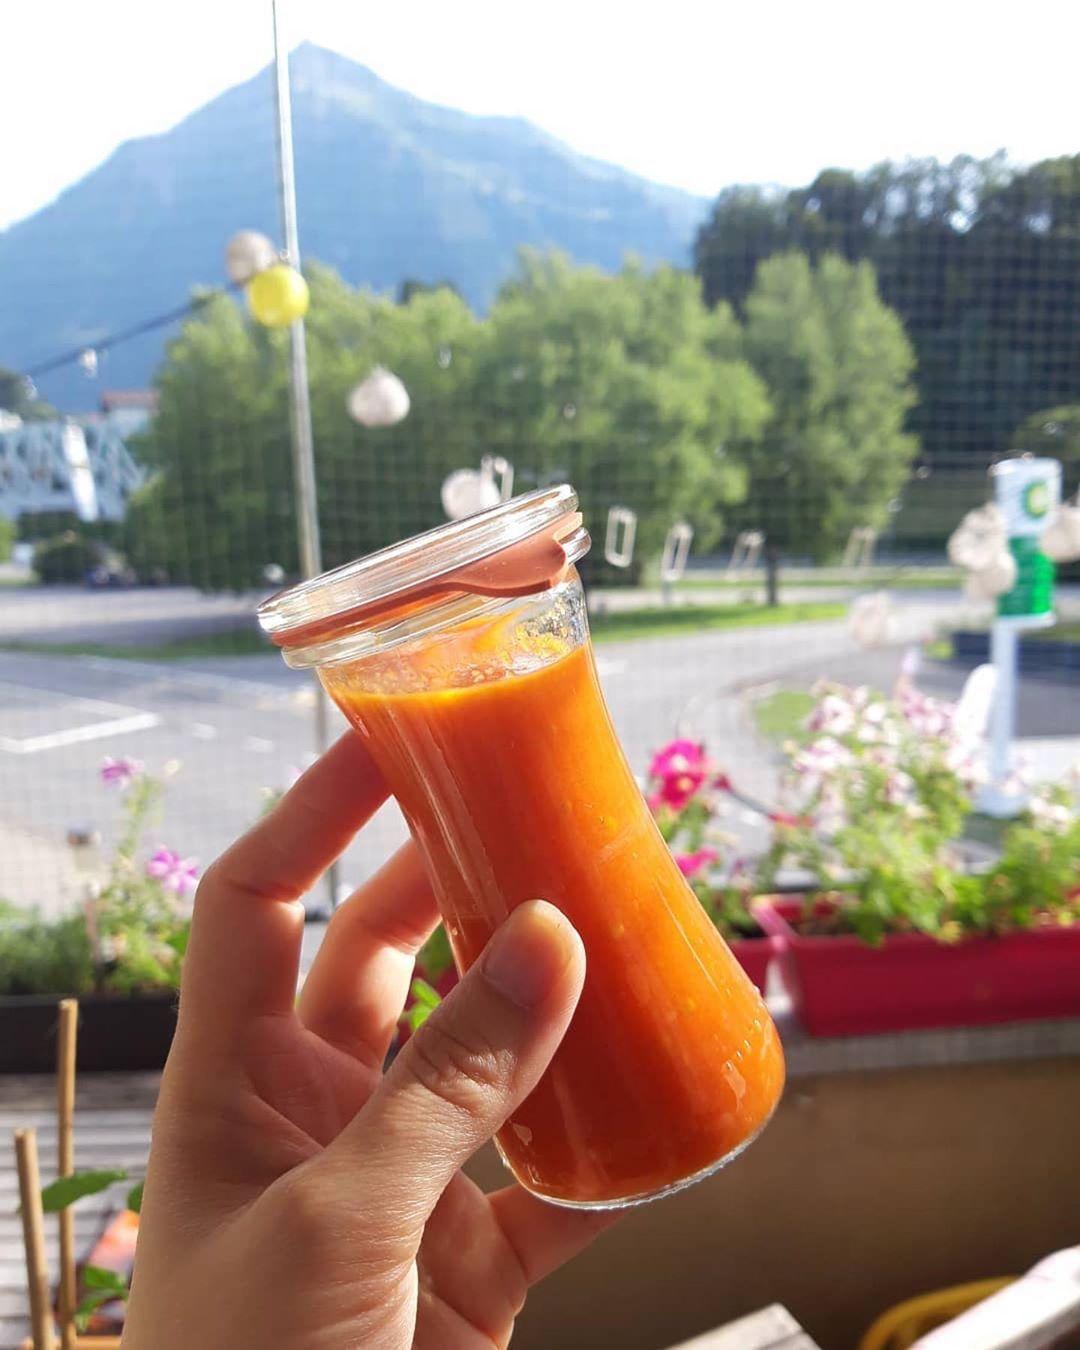 @olaayyaa ・・・ Seht euch diese hübschen, kleinen Weckgläser an. 1dl. Gerade perfekt um passierte Tomaten auf Vorrat zu machen. So hab ich immer leckere und frische Tomaten bereit zum Pizza machen. 1 Glas werde ich gleich verwerten🤣